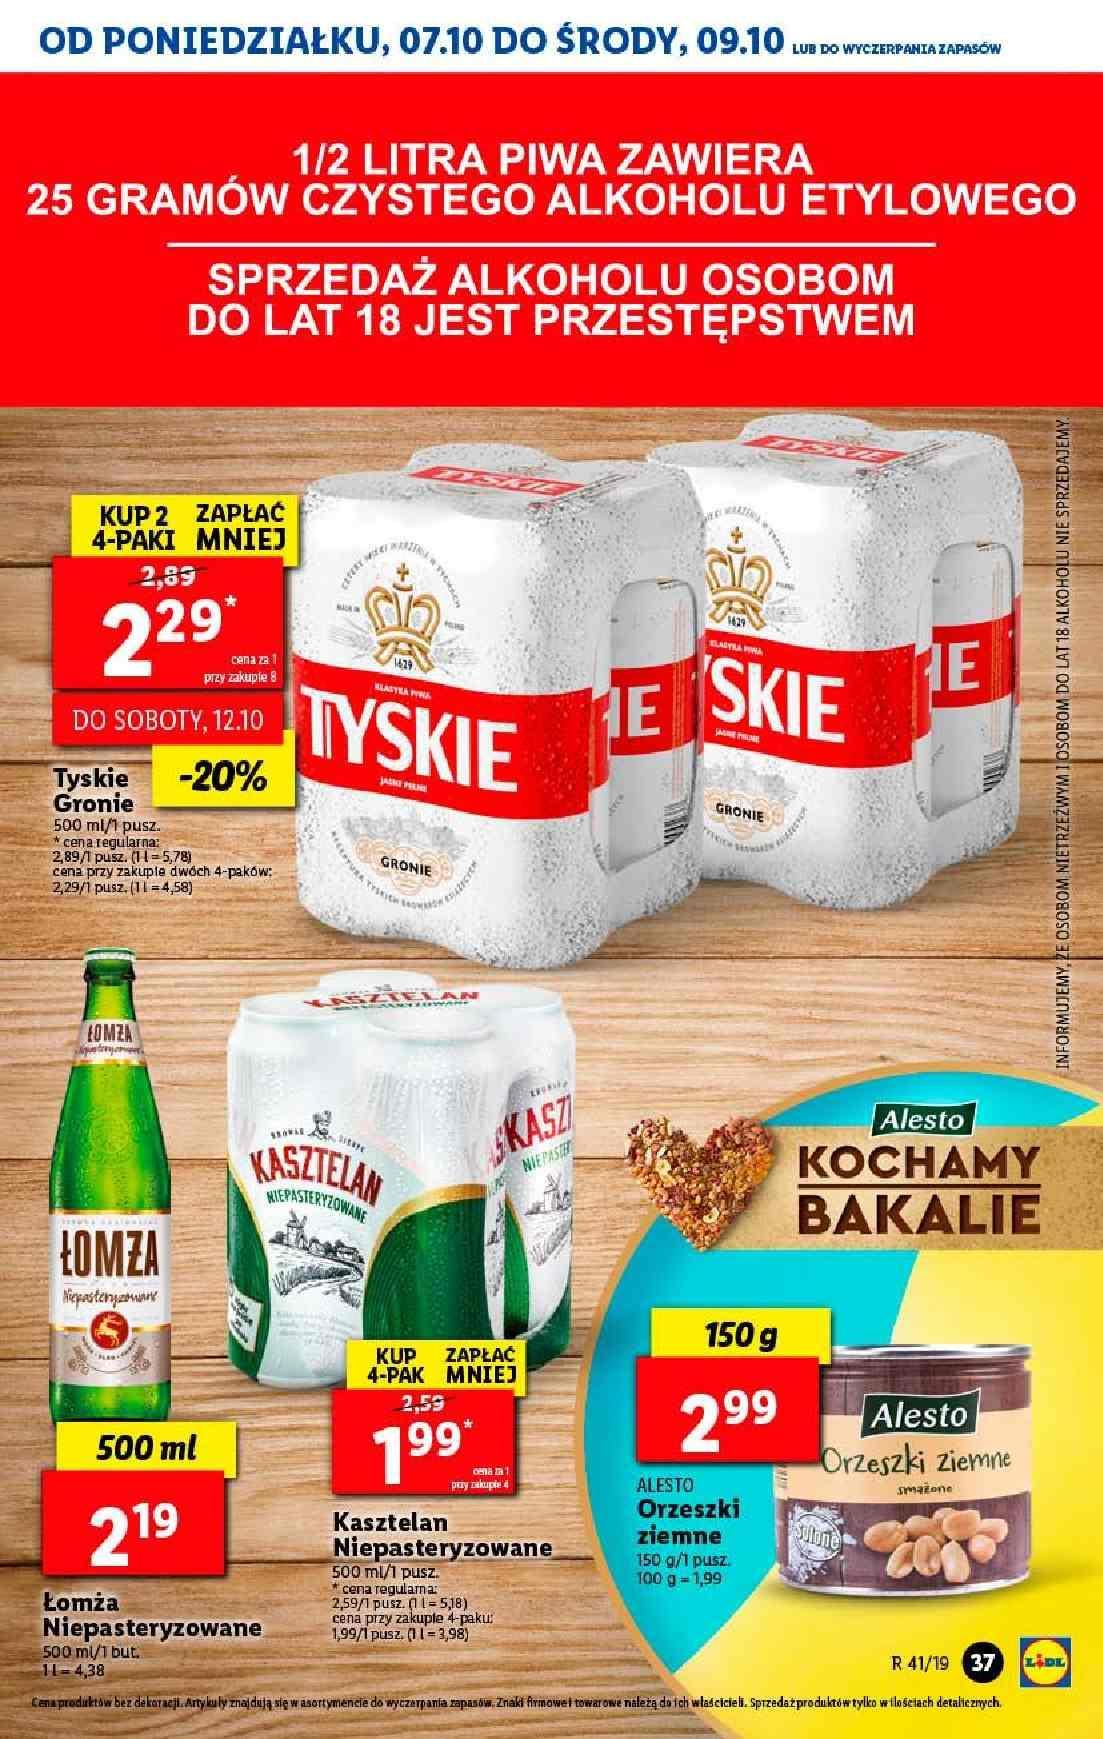 Gazetka promocyjna Lidl do 09/10/2019 str.36